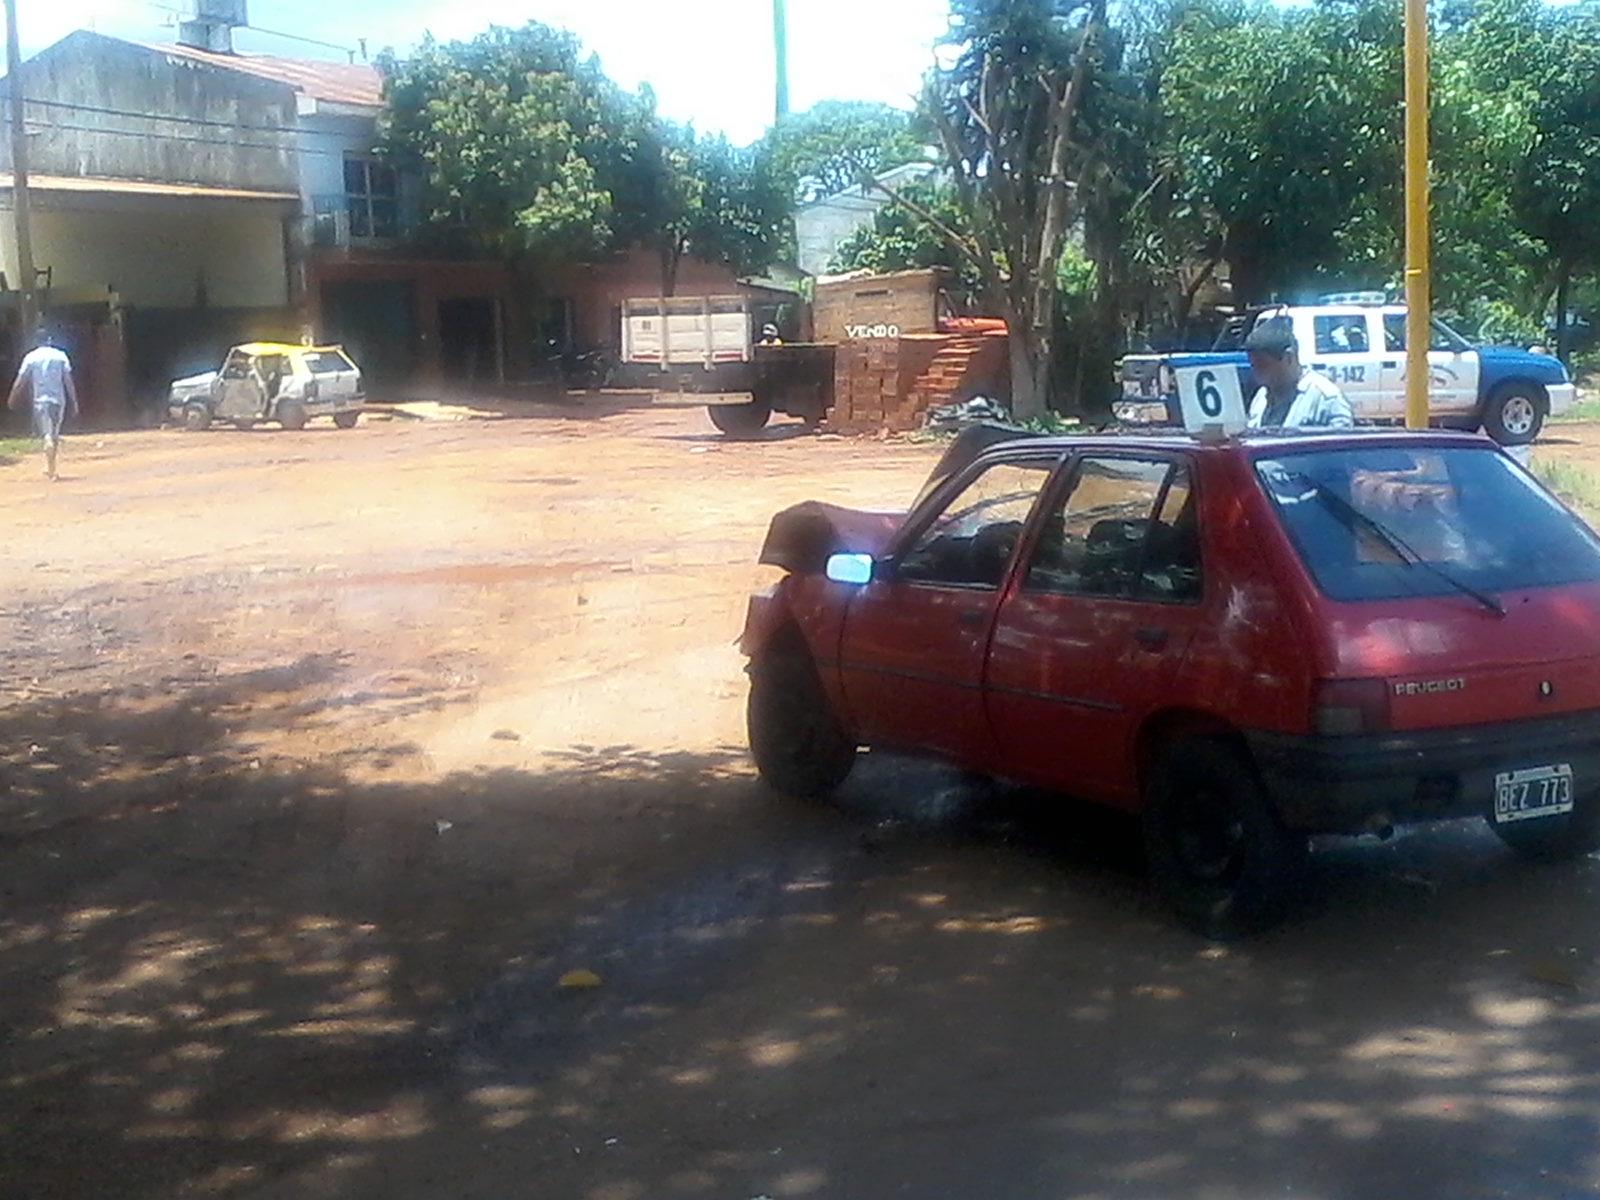 El taxi y sus ocupantes terminaron a varios metros del Peugeot